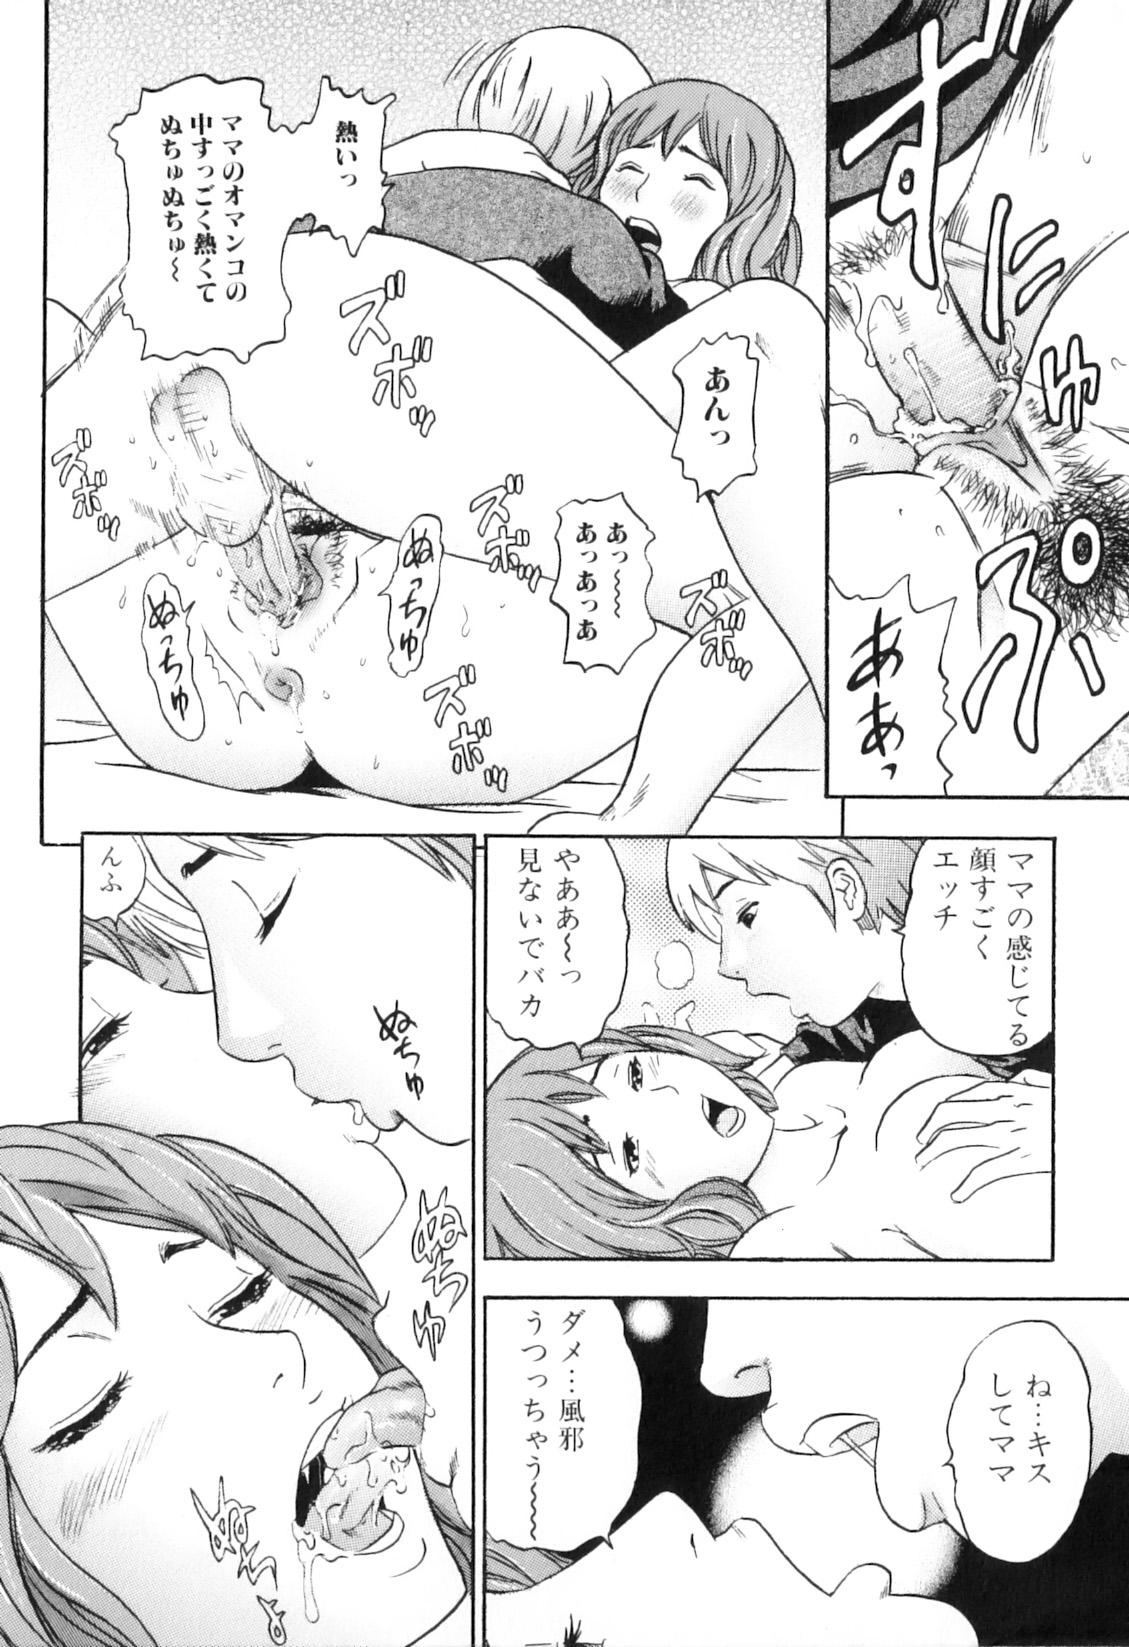 Yokujou Boshi - Desire Mother and Child 124